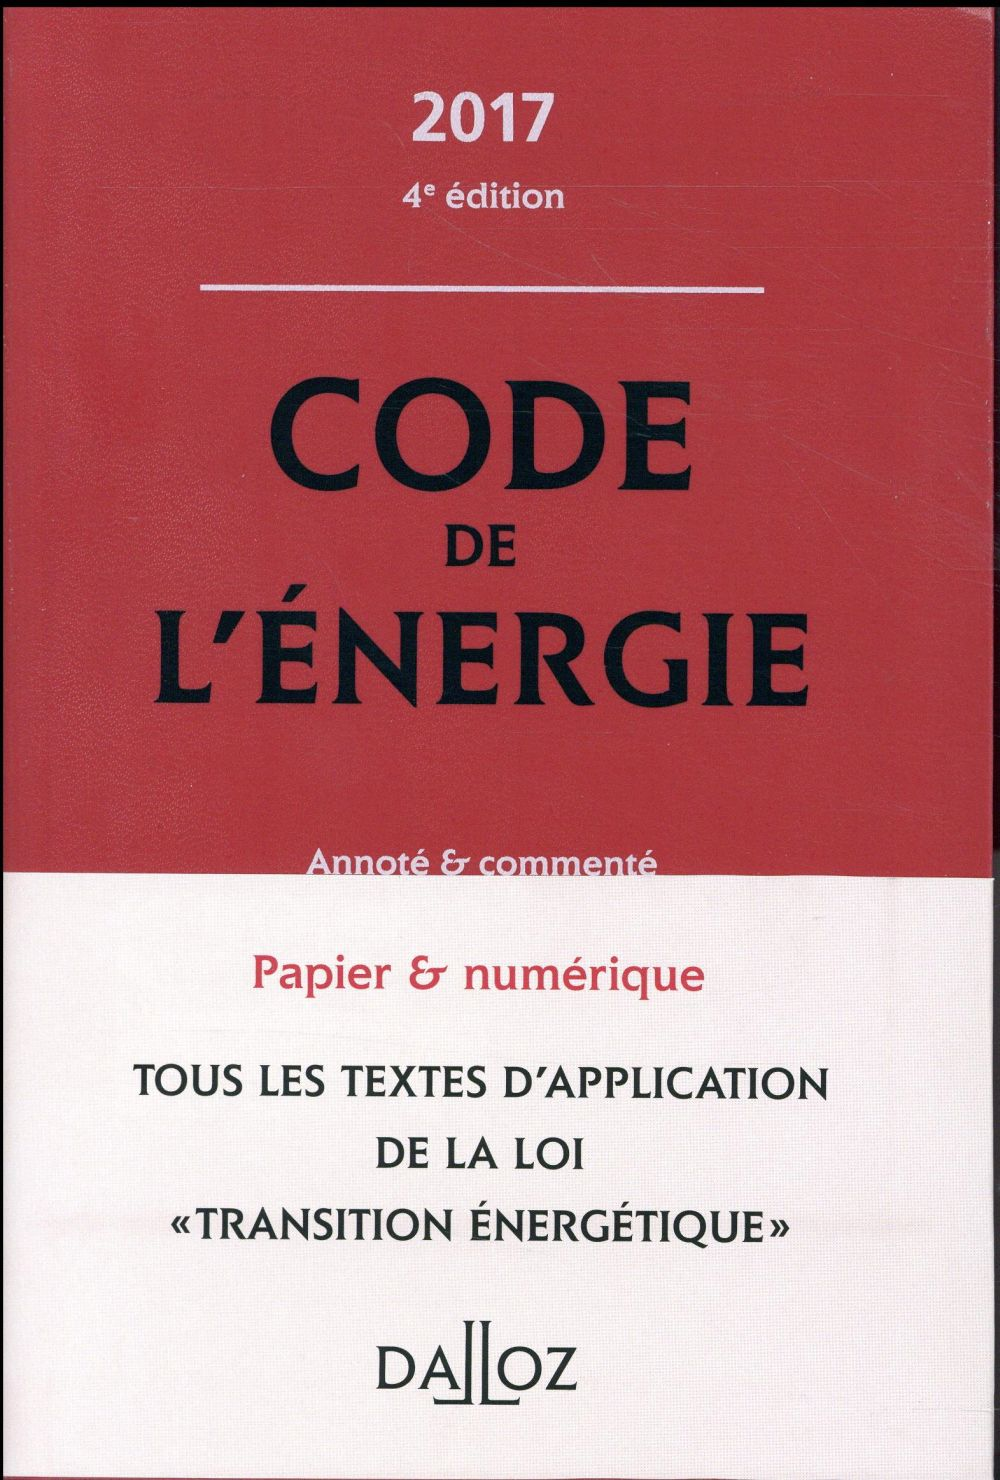 CODE DE L'ENERGIE 2017, ANNOTE ET COMMENTE   4E ED.